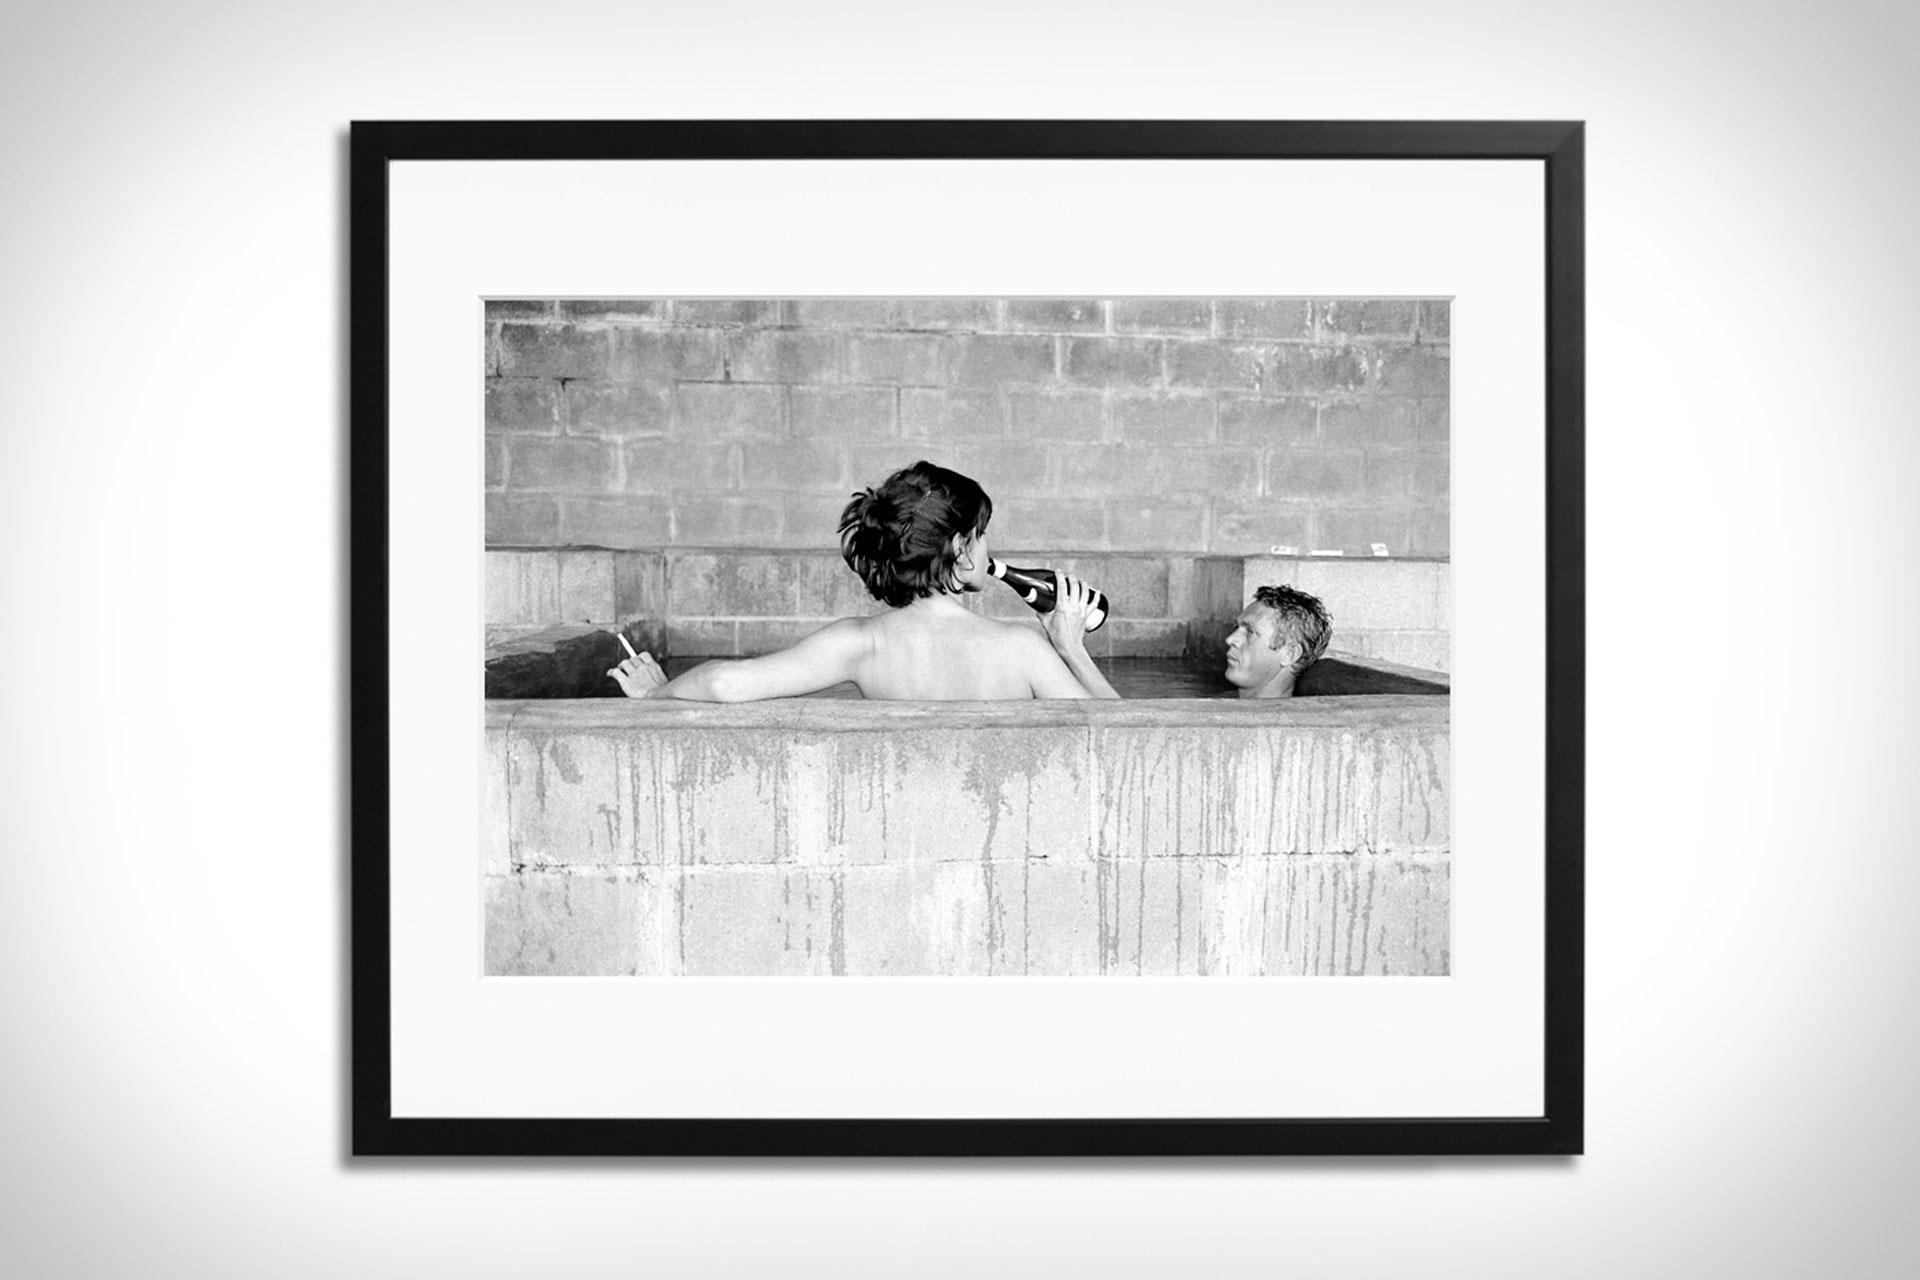 Steve McQueen & Wife Framed Print